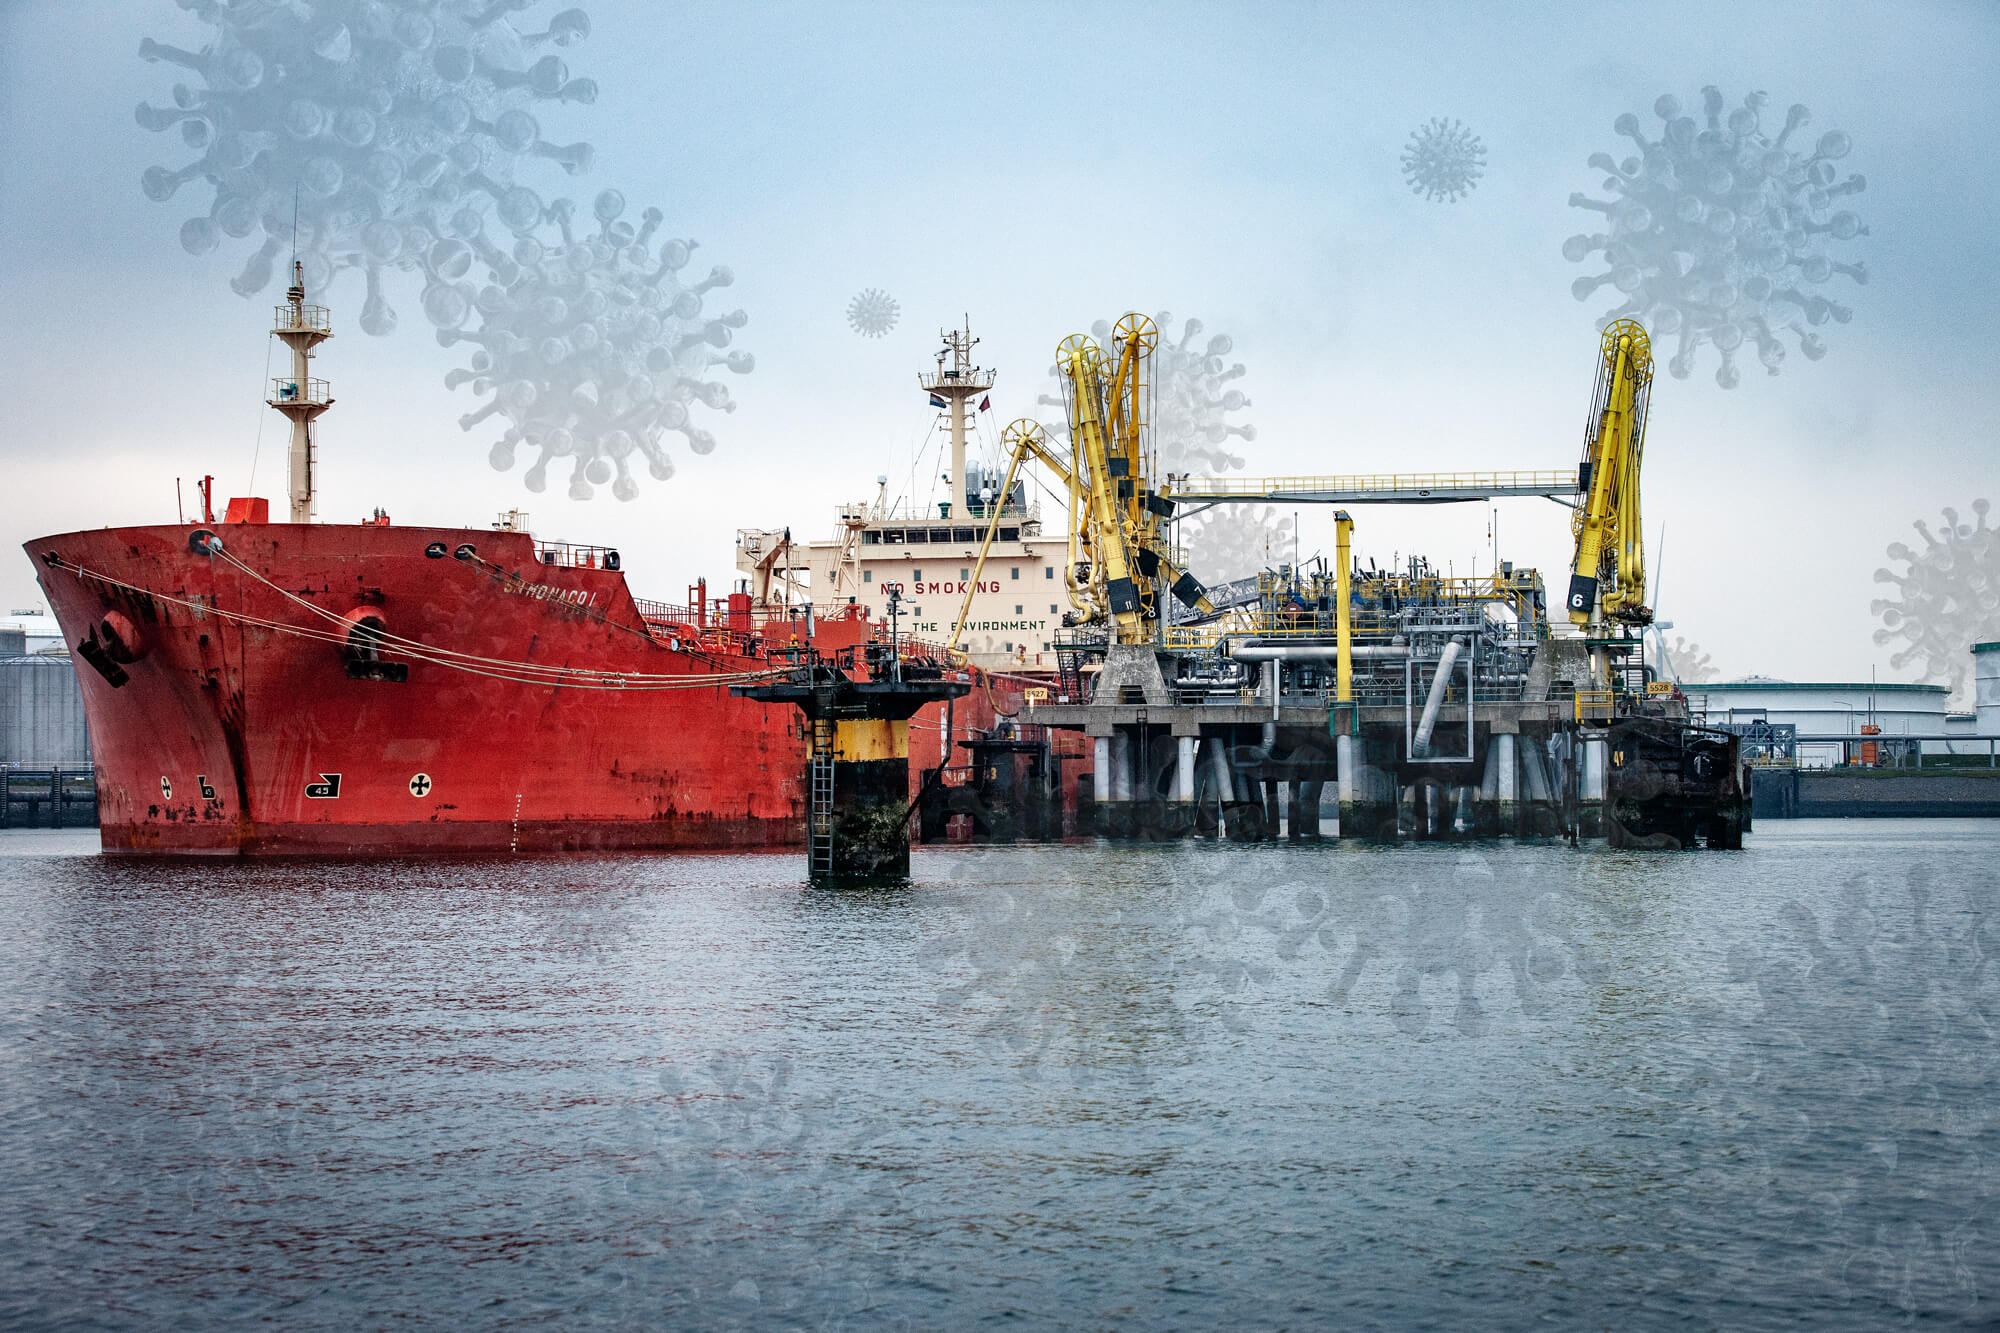 Coronacrisis biedt ook kansen voor de Rotterdamse haven